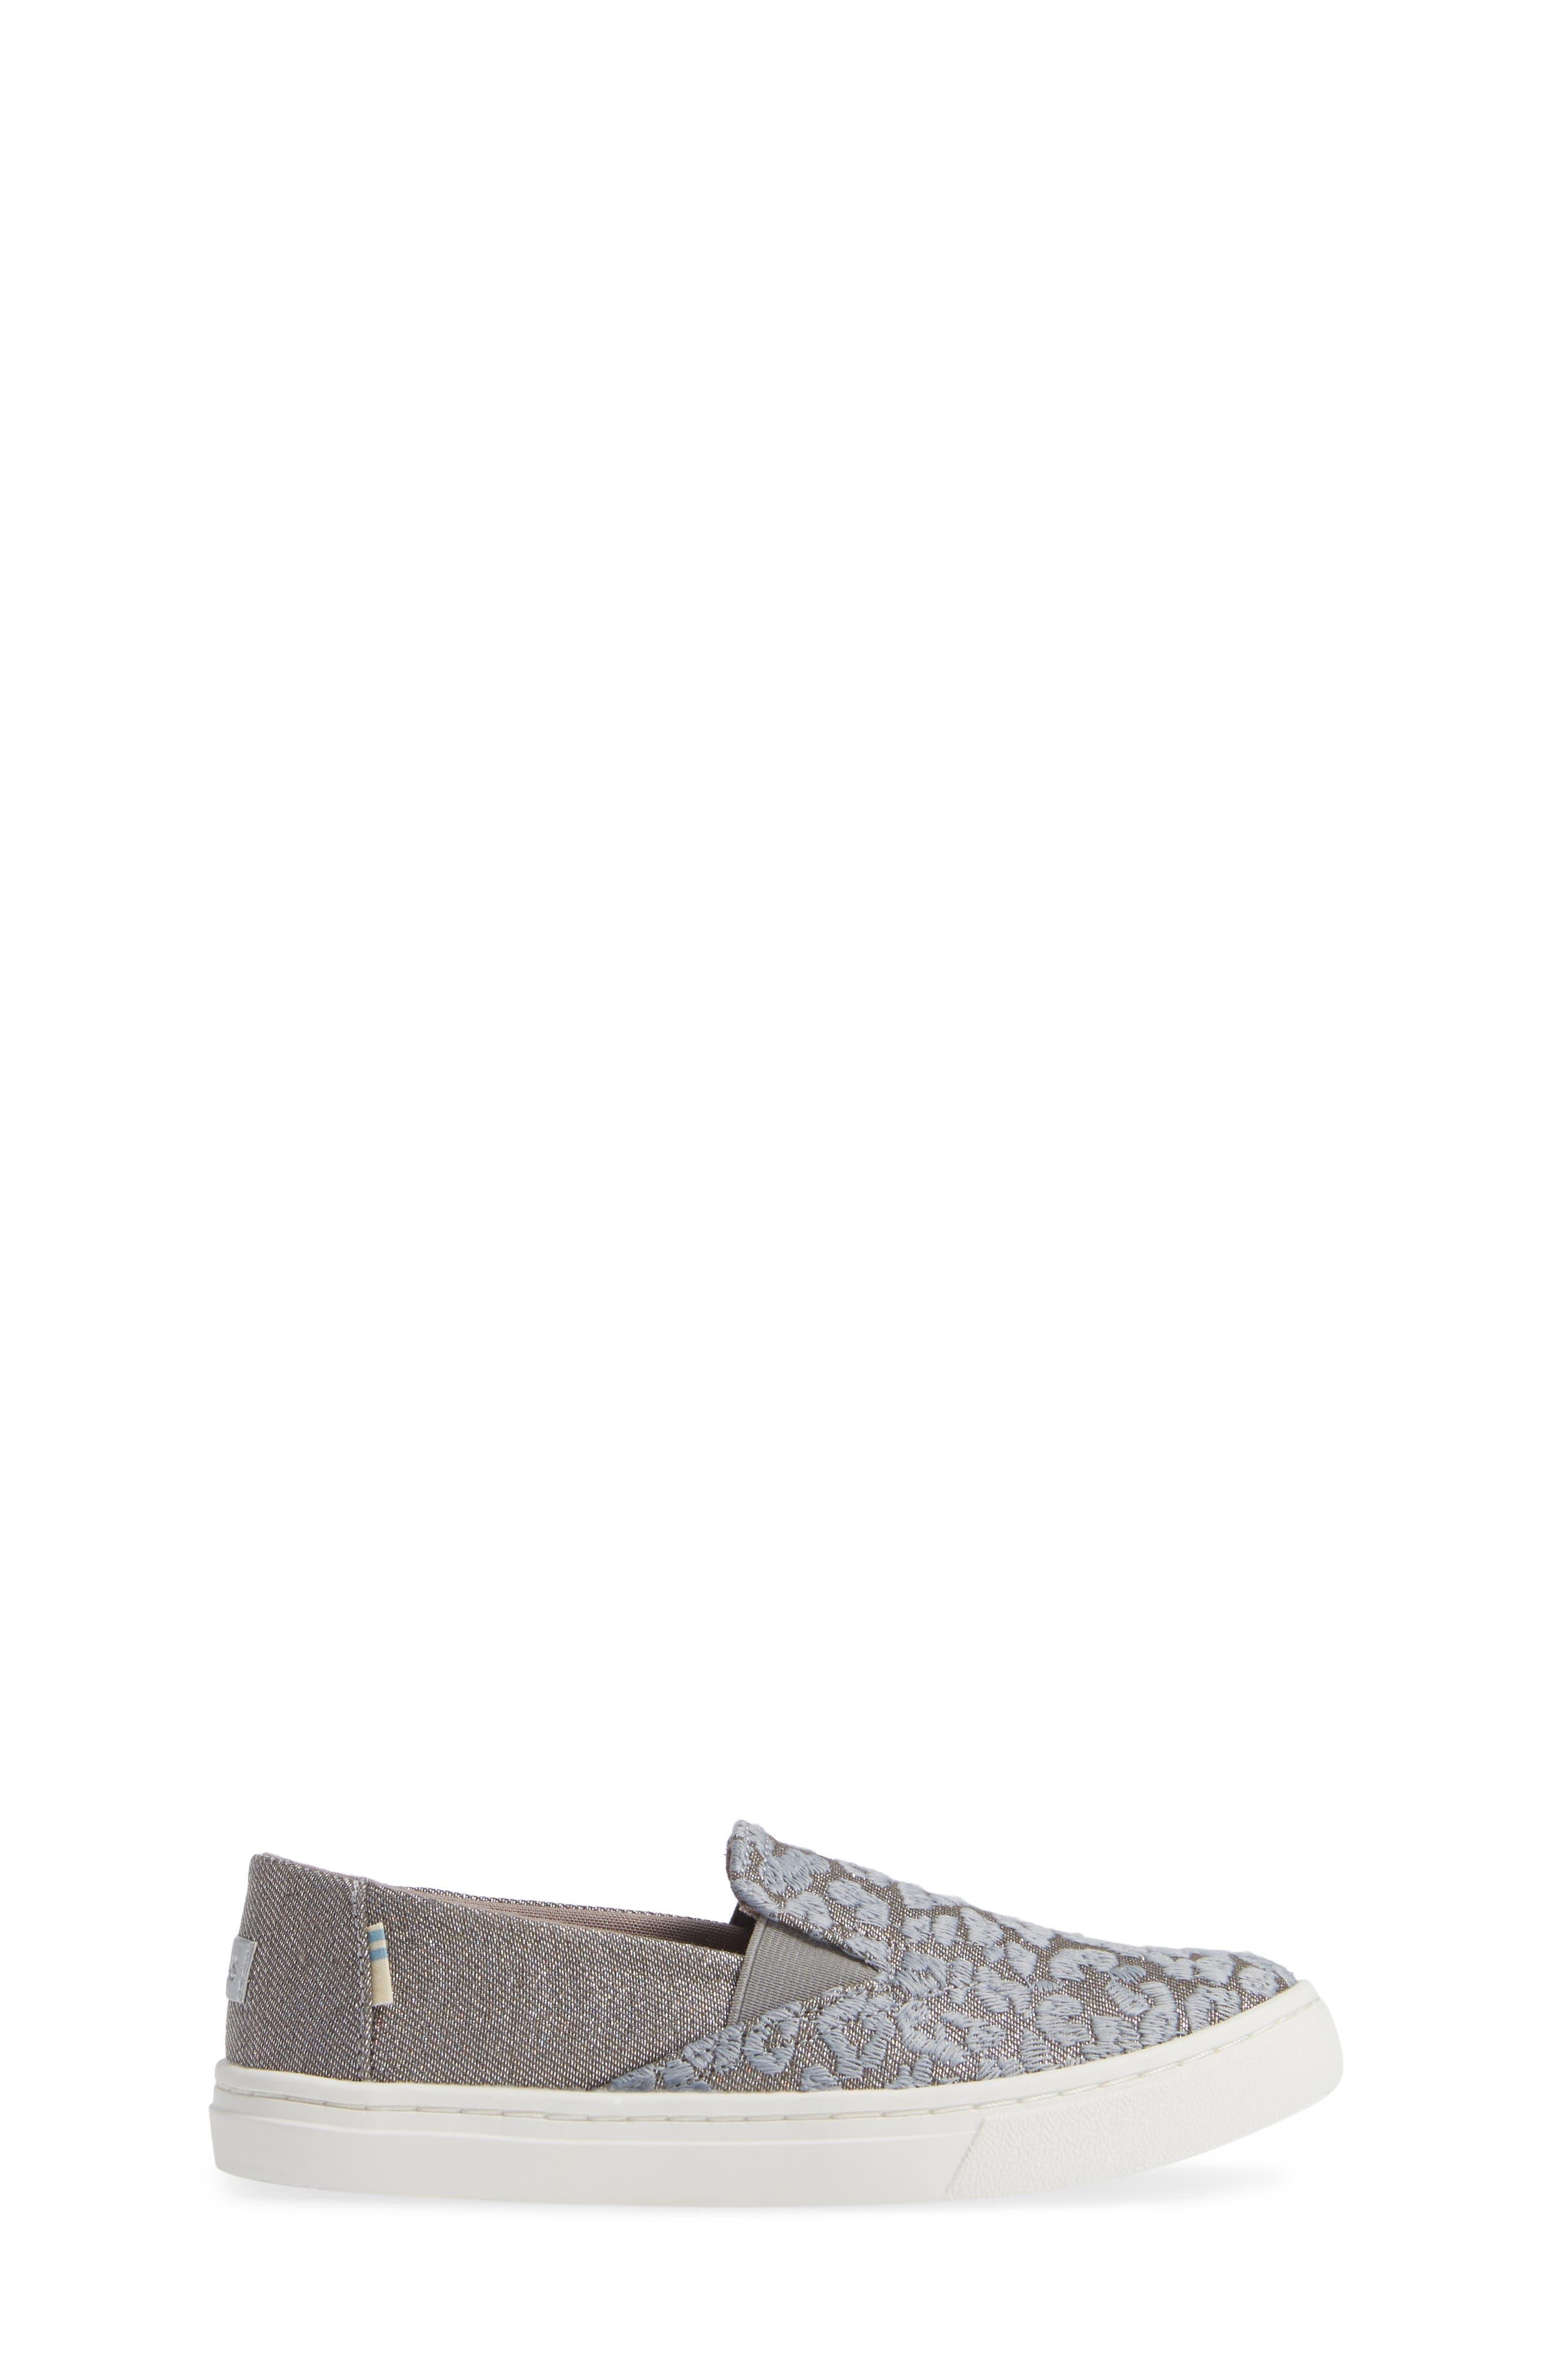 Luca Slip-On Sneaker,                             Alternate thumbnail 3, color,                             NEUTRAL GRAY CHEETAH/ TWILL